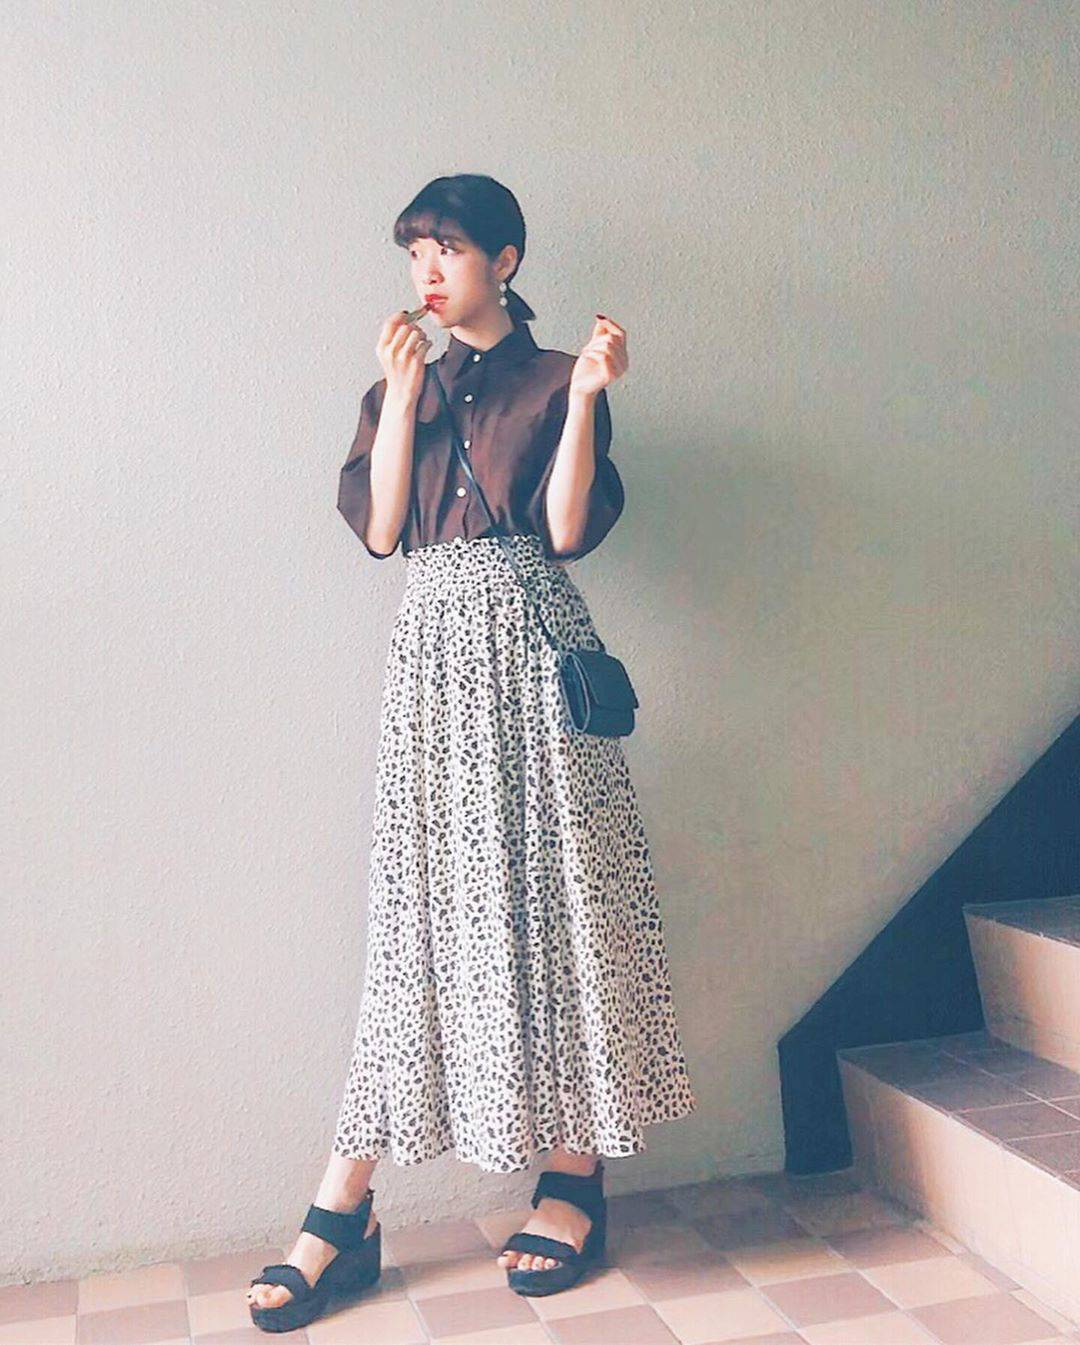 最高気温28度・最低気温19度 natsu_outfitsの服装